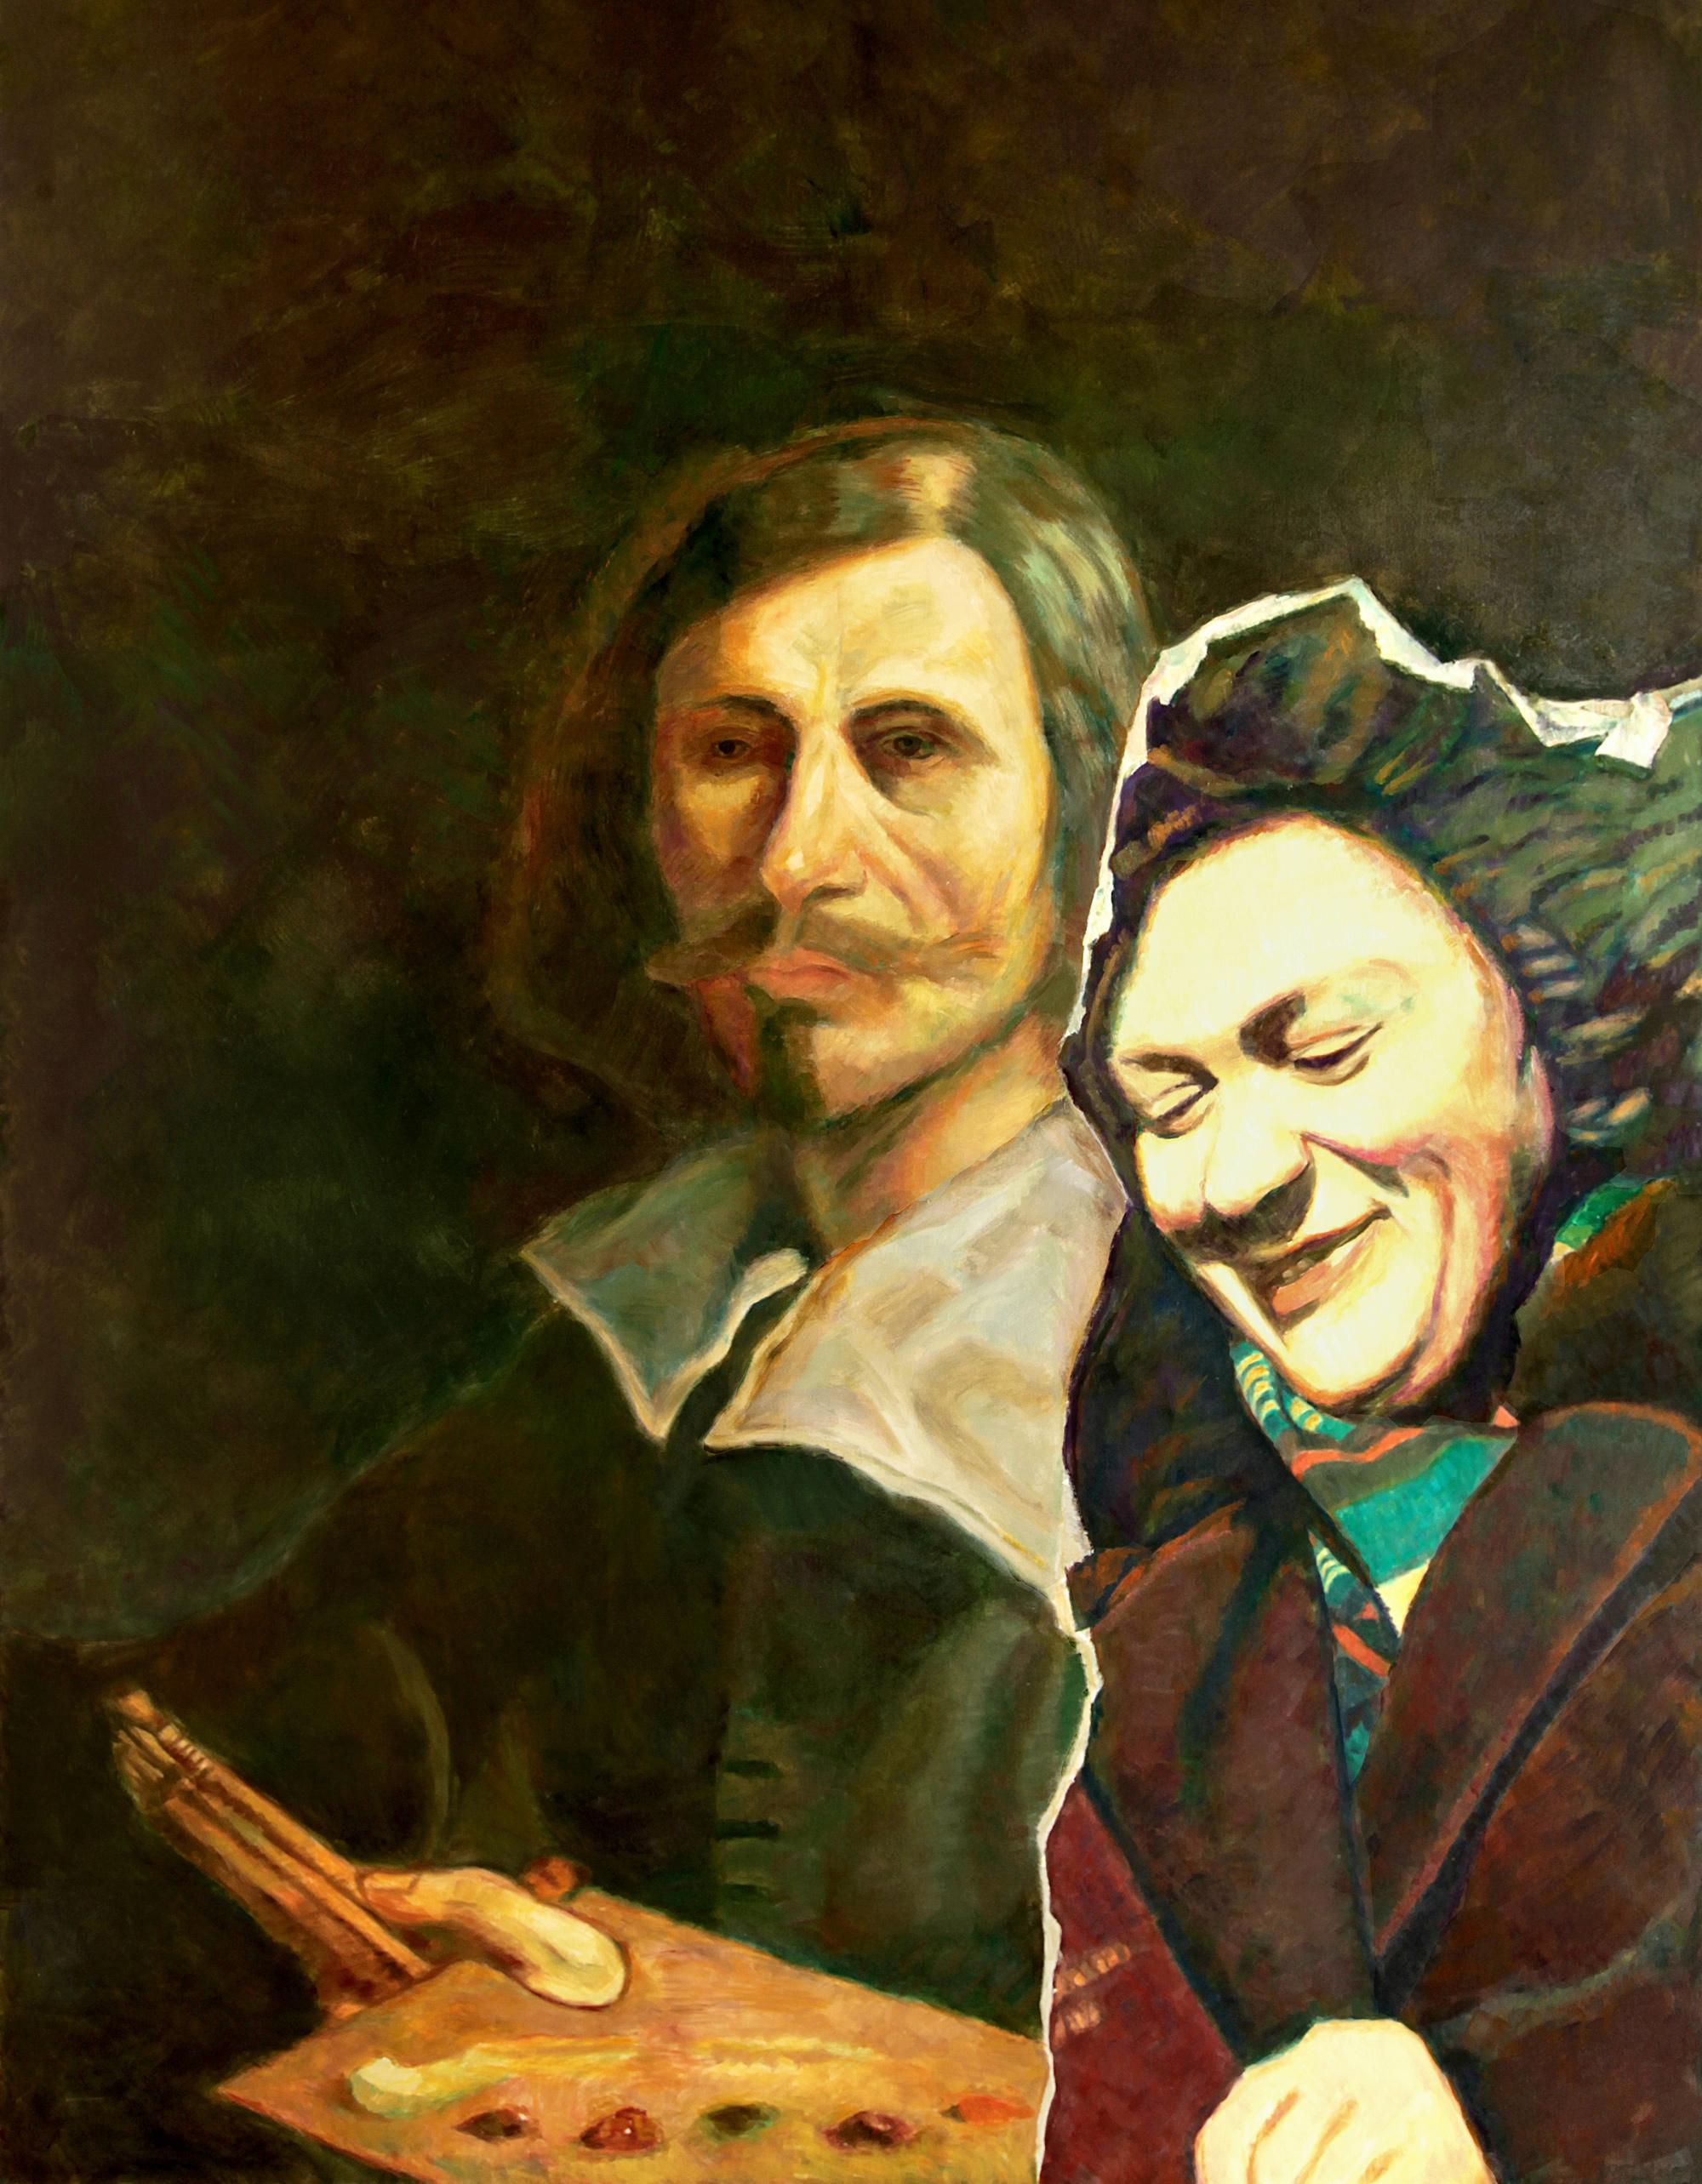 Ilya & Emilia Kabakov  Two Times Nr. 5, 2015  Öl auf Leinwand  284,5 x 190,5 cm  Courtesy Ilya & Emilia Kabakov und Kewenig Berlin | Palma  © VG Bild-Kunst, Bonn 2018